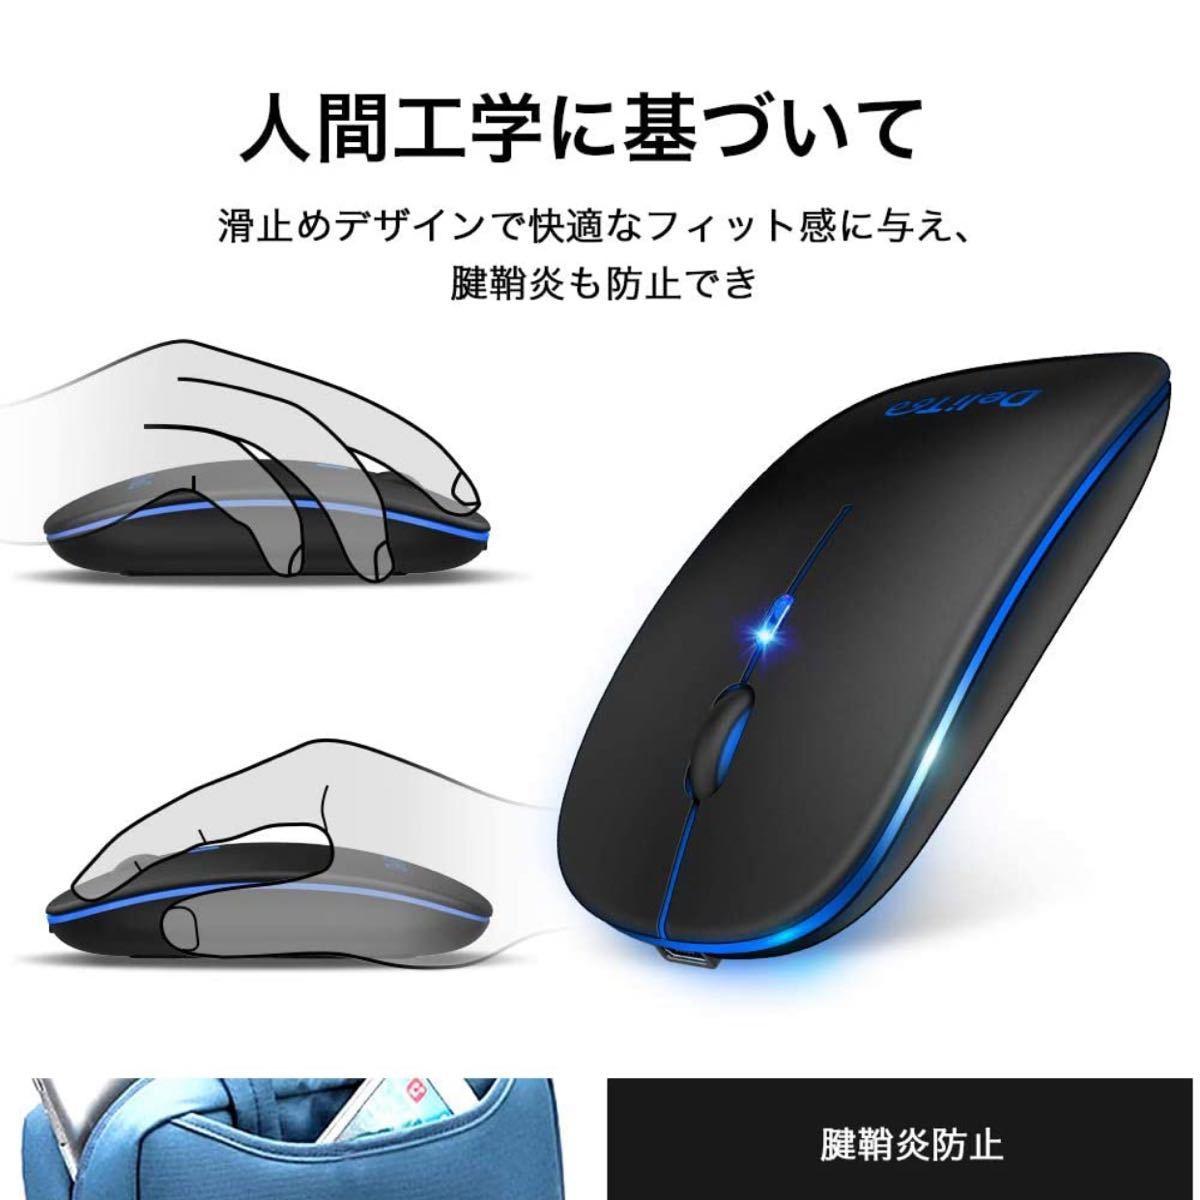 ワイヤレスマウス 静音 充電式 薄型